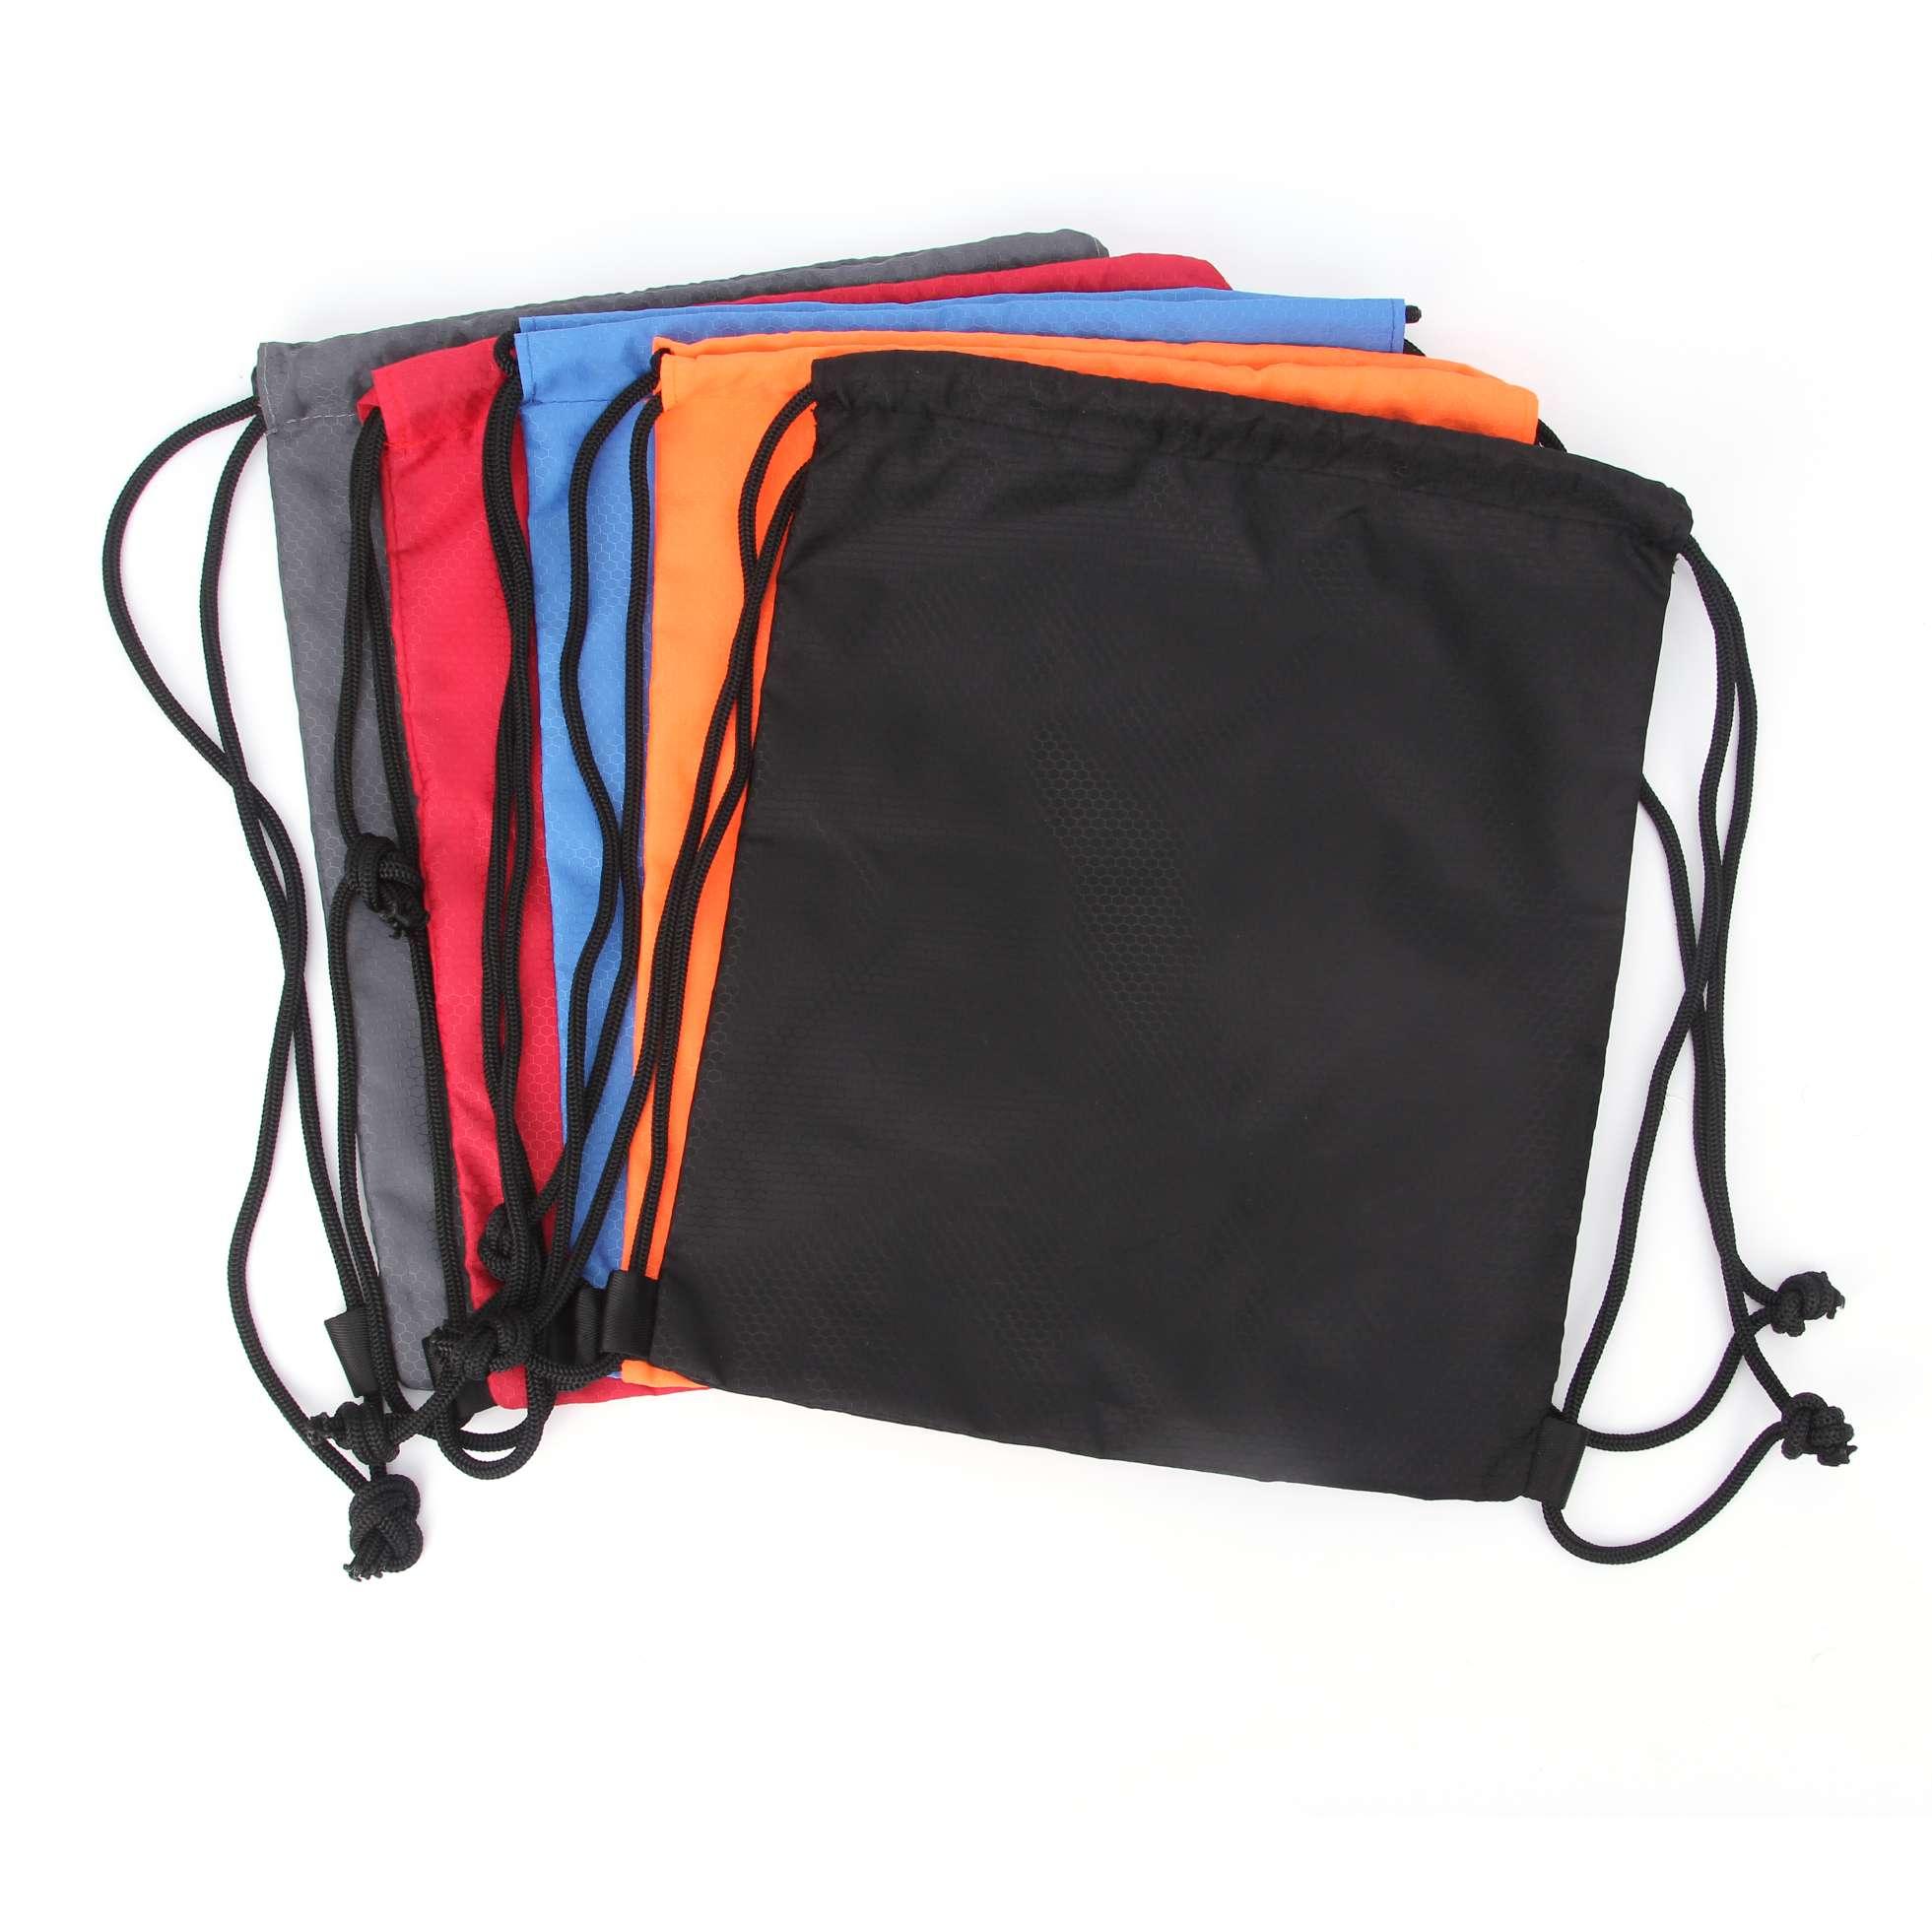 束口袋双肩包防水轻便折叠旅行运动简易背包健身男女拉绳购物袋